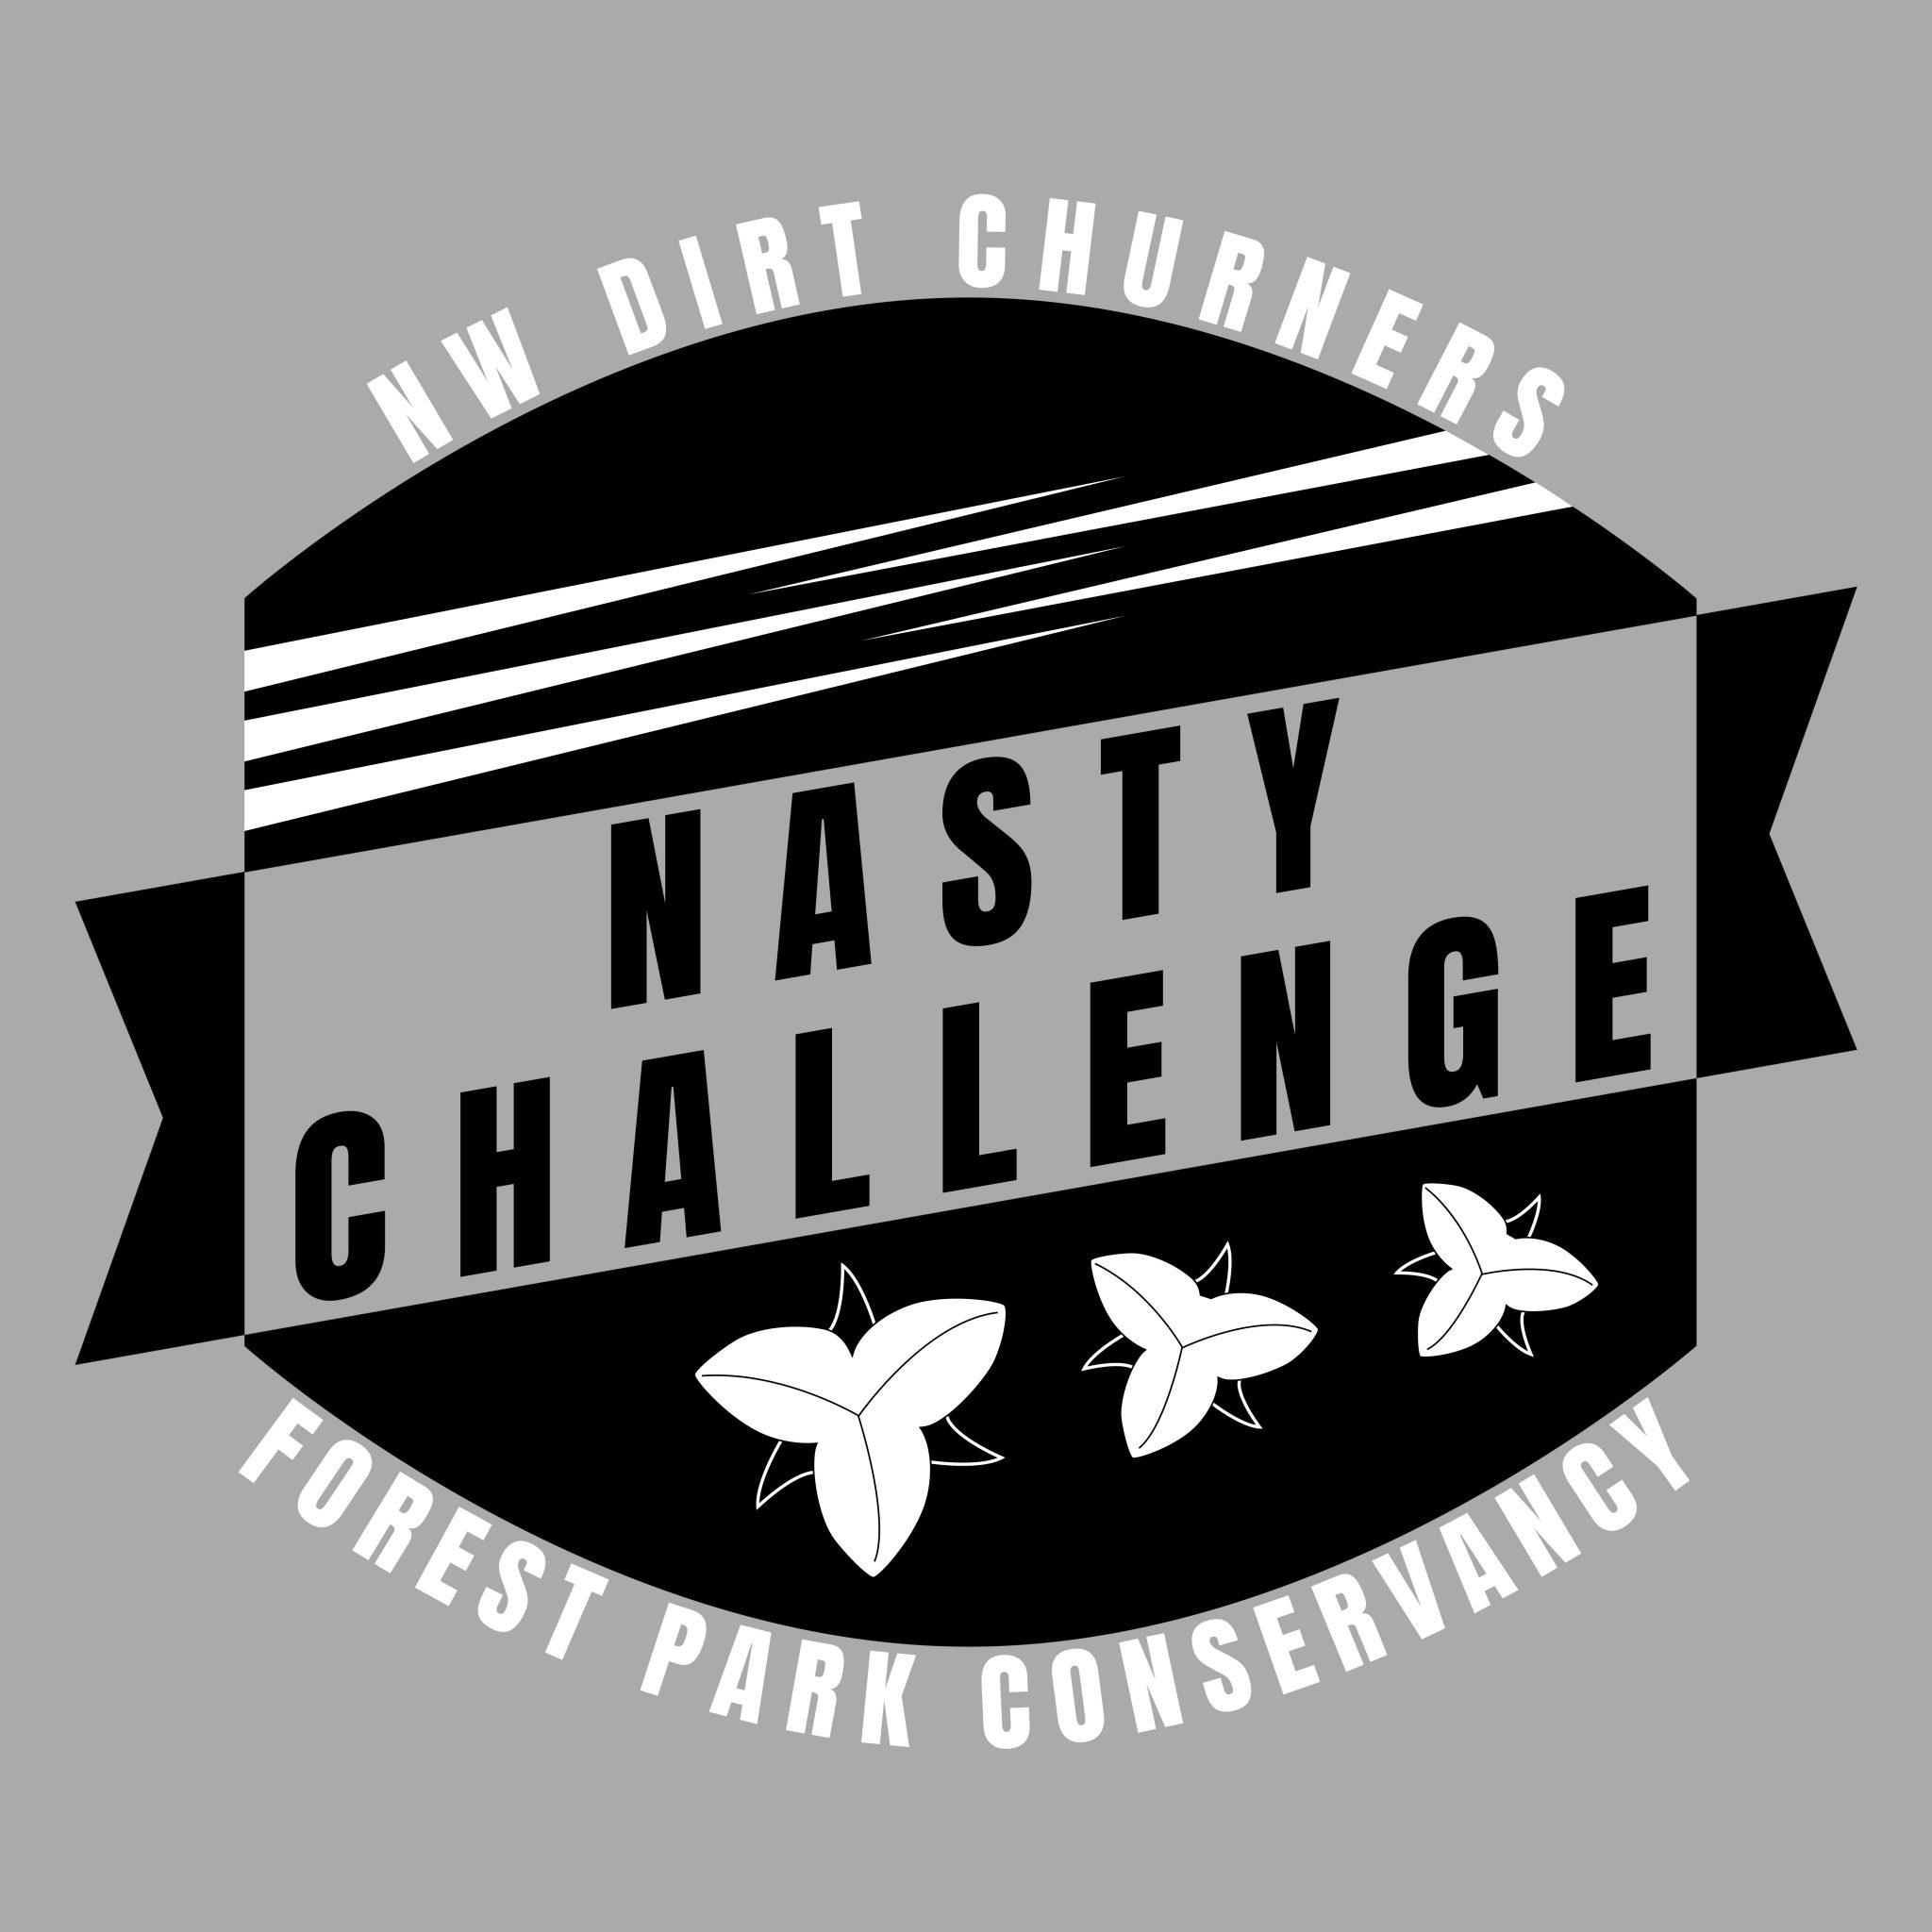 Nasty Challenge